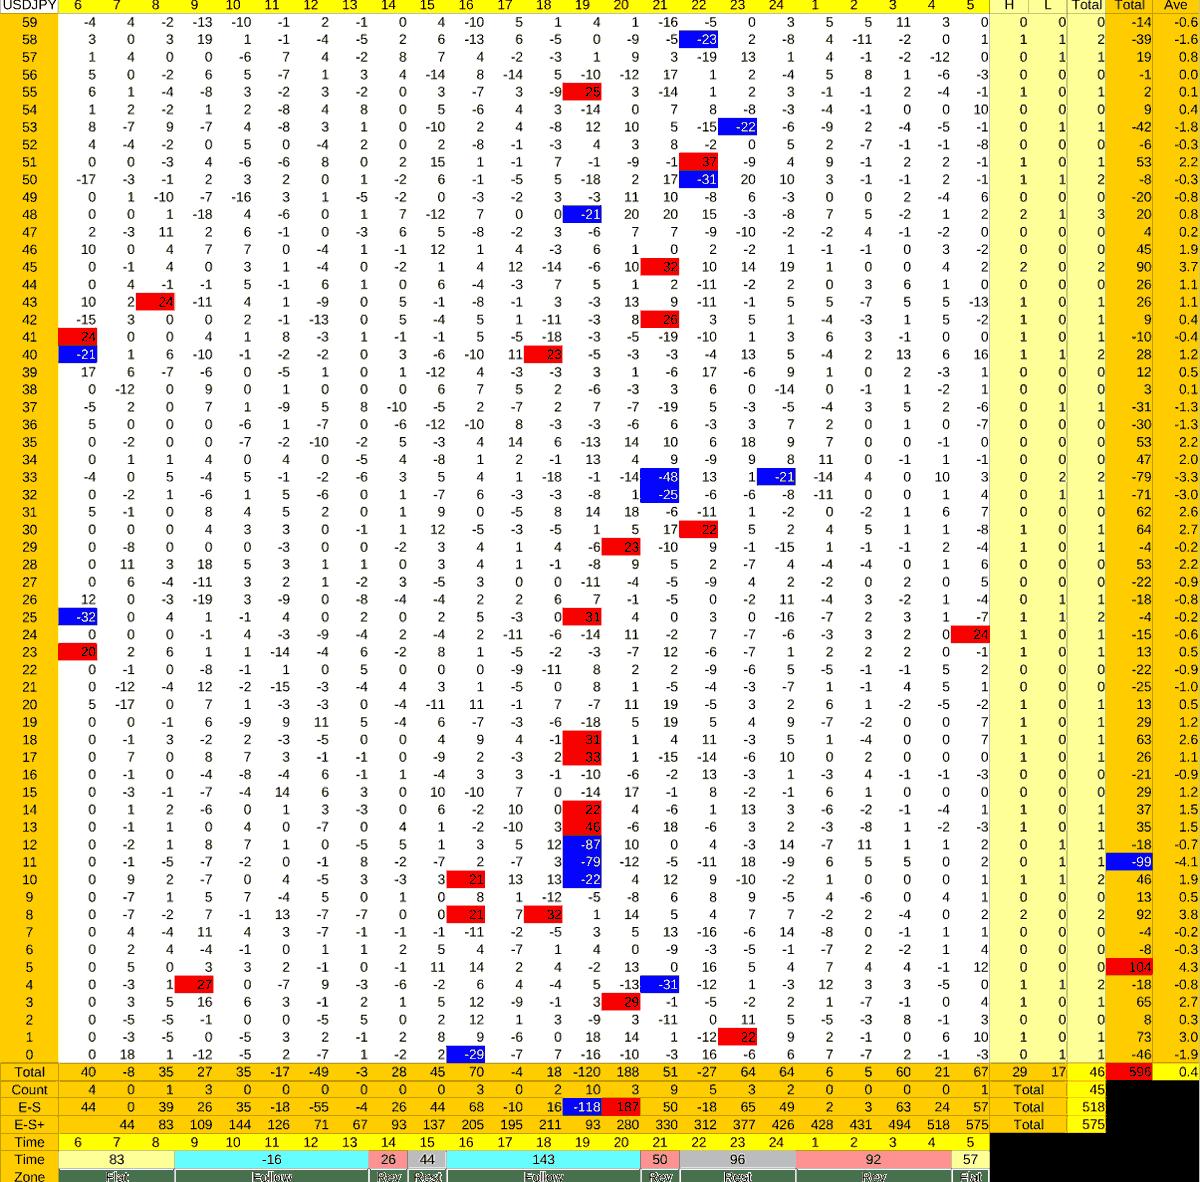 20210923_HS(1)USDJPY-min